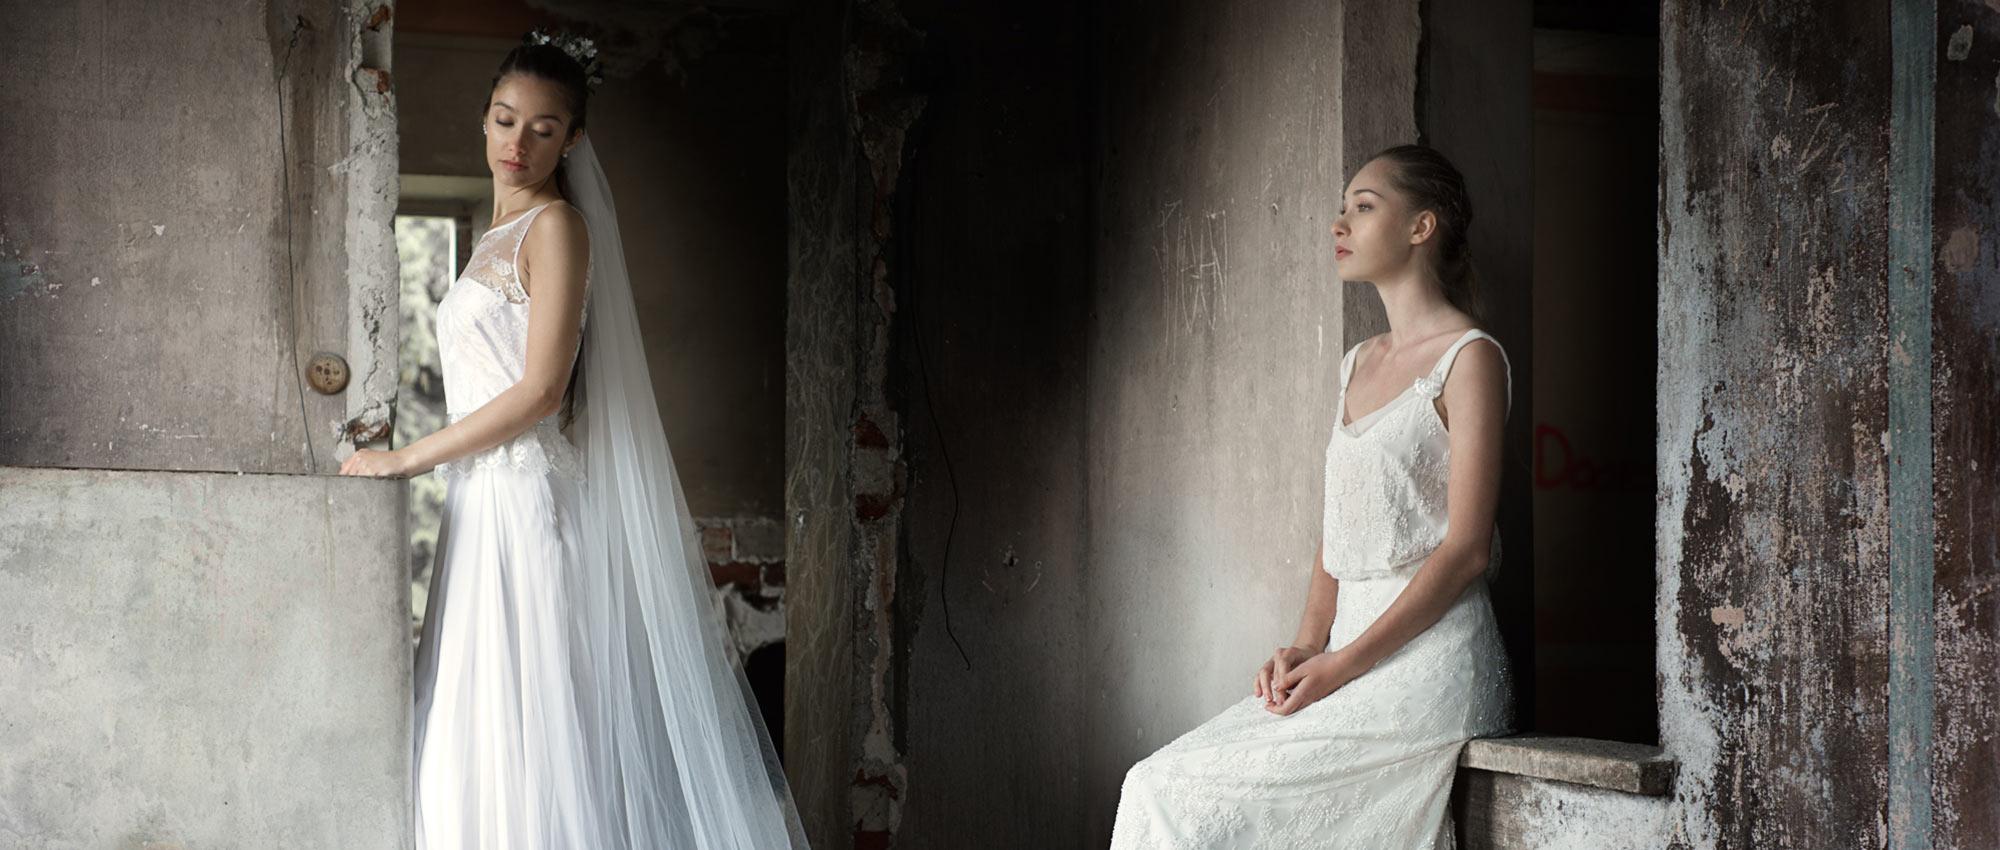 sposa-2017-torino-elena-pignata